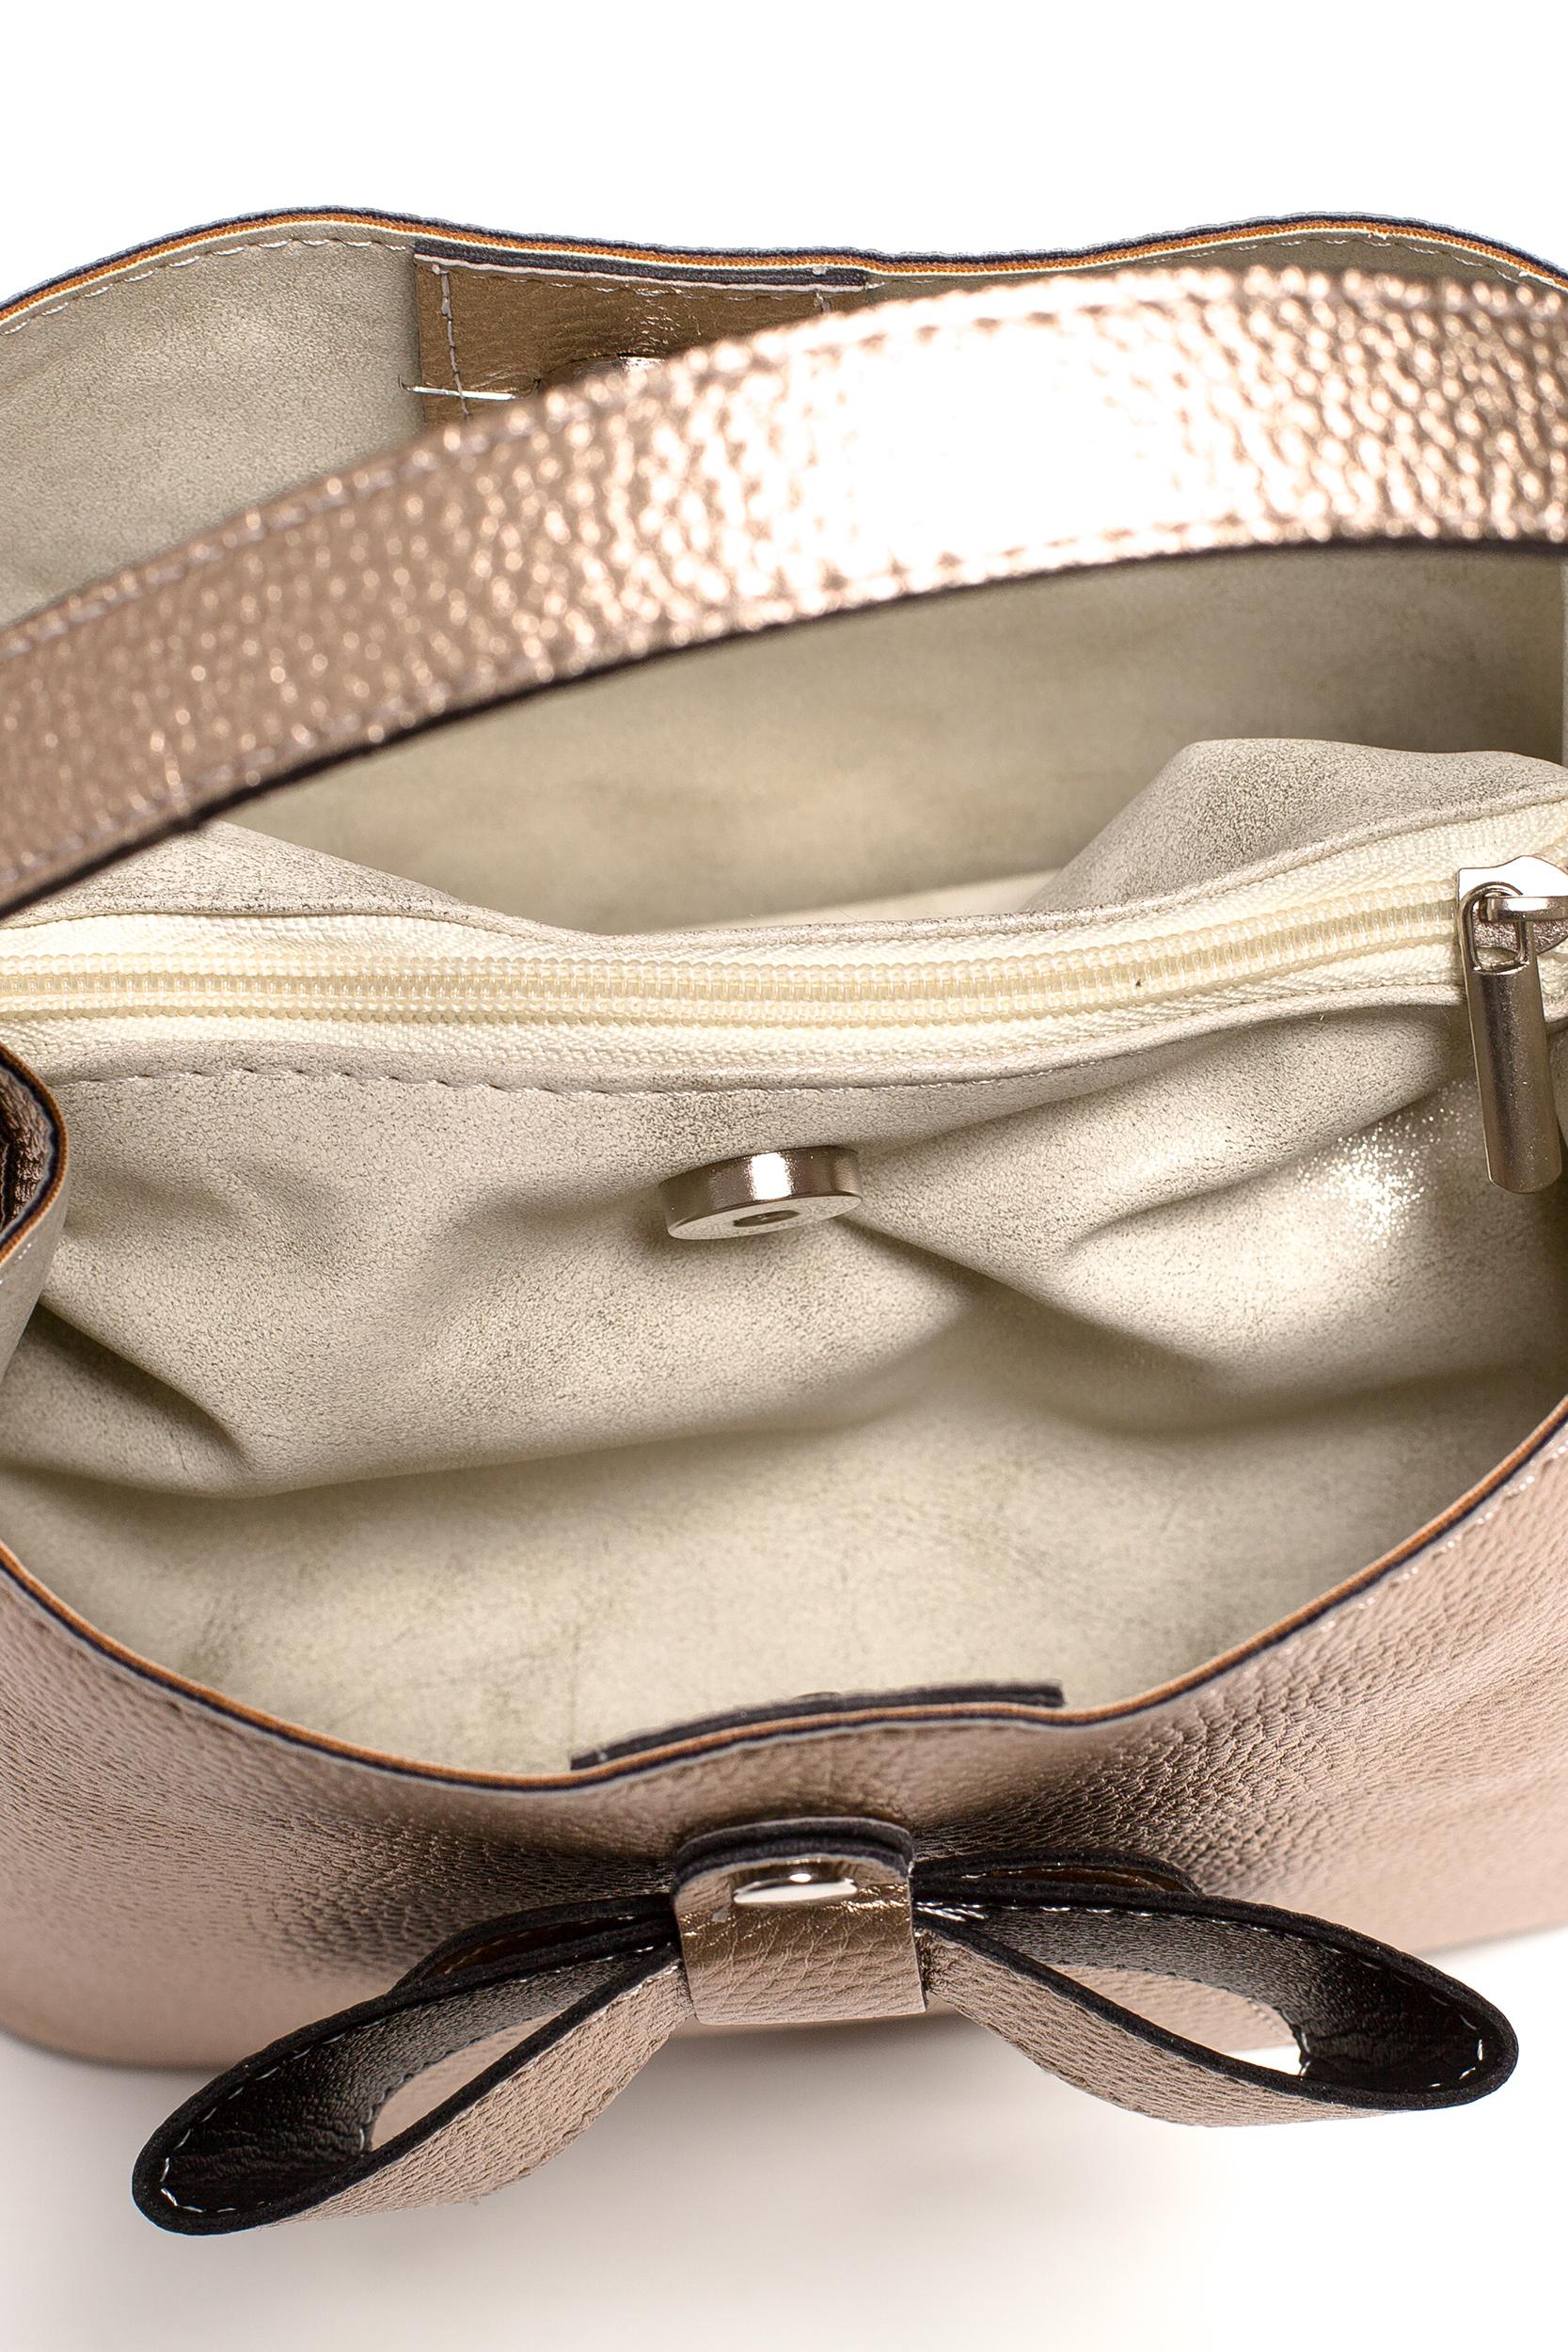 da62331433c89 ... CM3833 Elegancka torebka z kokardką - miedziana